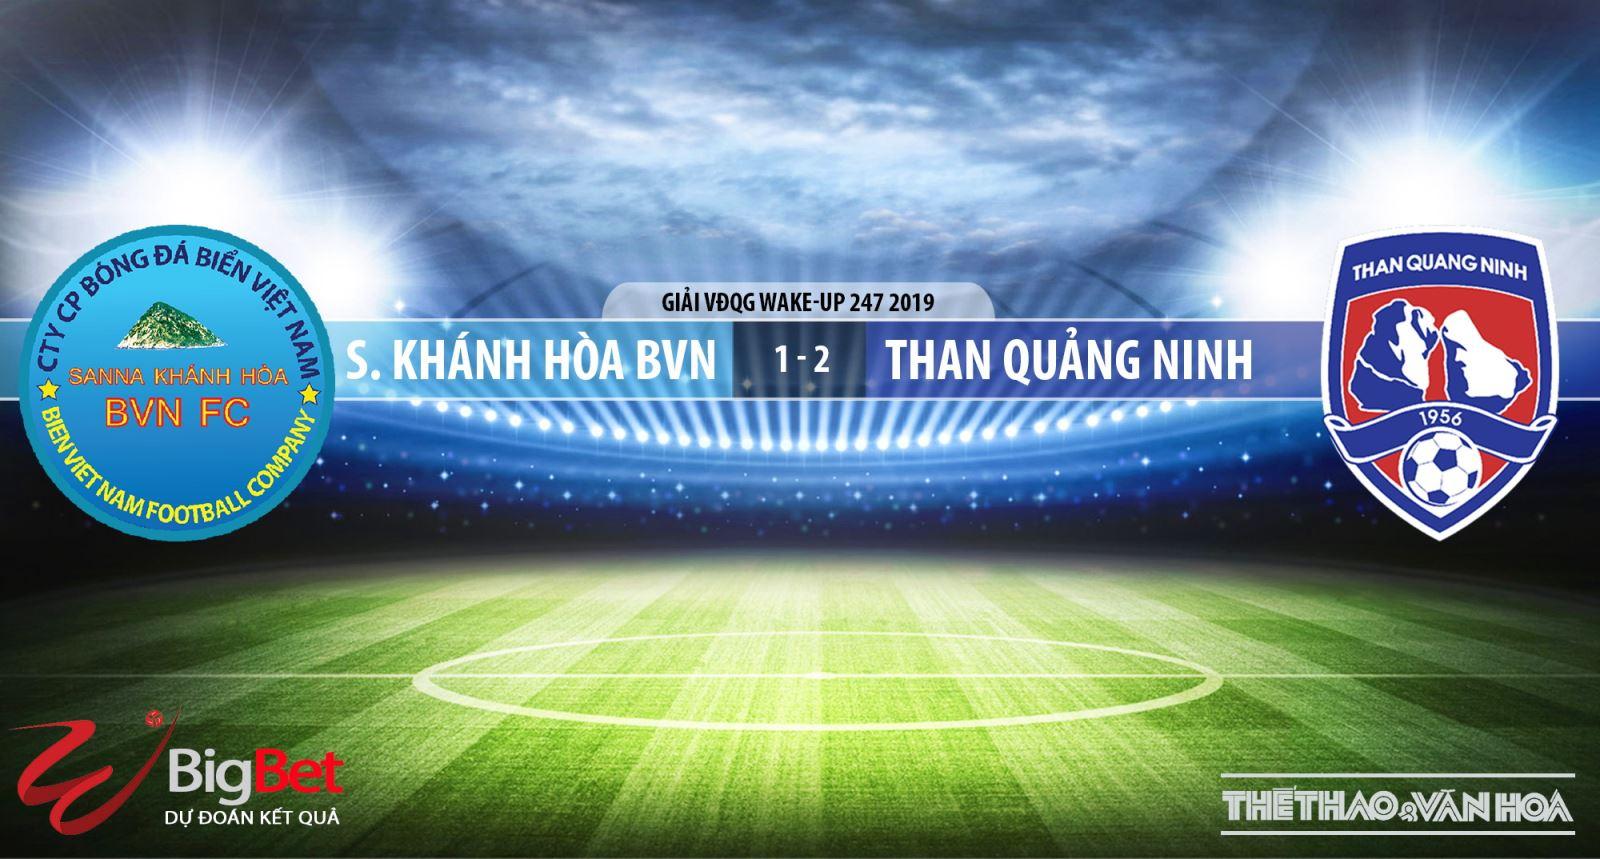 trực tiếp bóng đá, HAGL vs Thanh Hóa, truc tiep bong da, Thanh Hóa đấu với HAGL, truc tiep bong da hôm nay, Nam Định vs SLNA, lịch thi đấu V League, VTV6, BXH V League